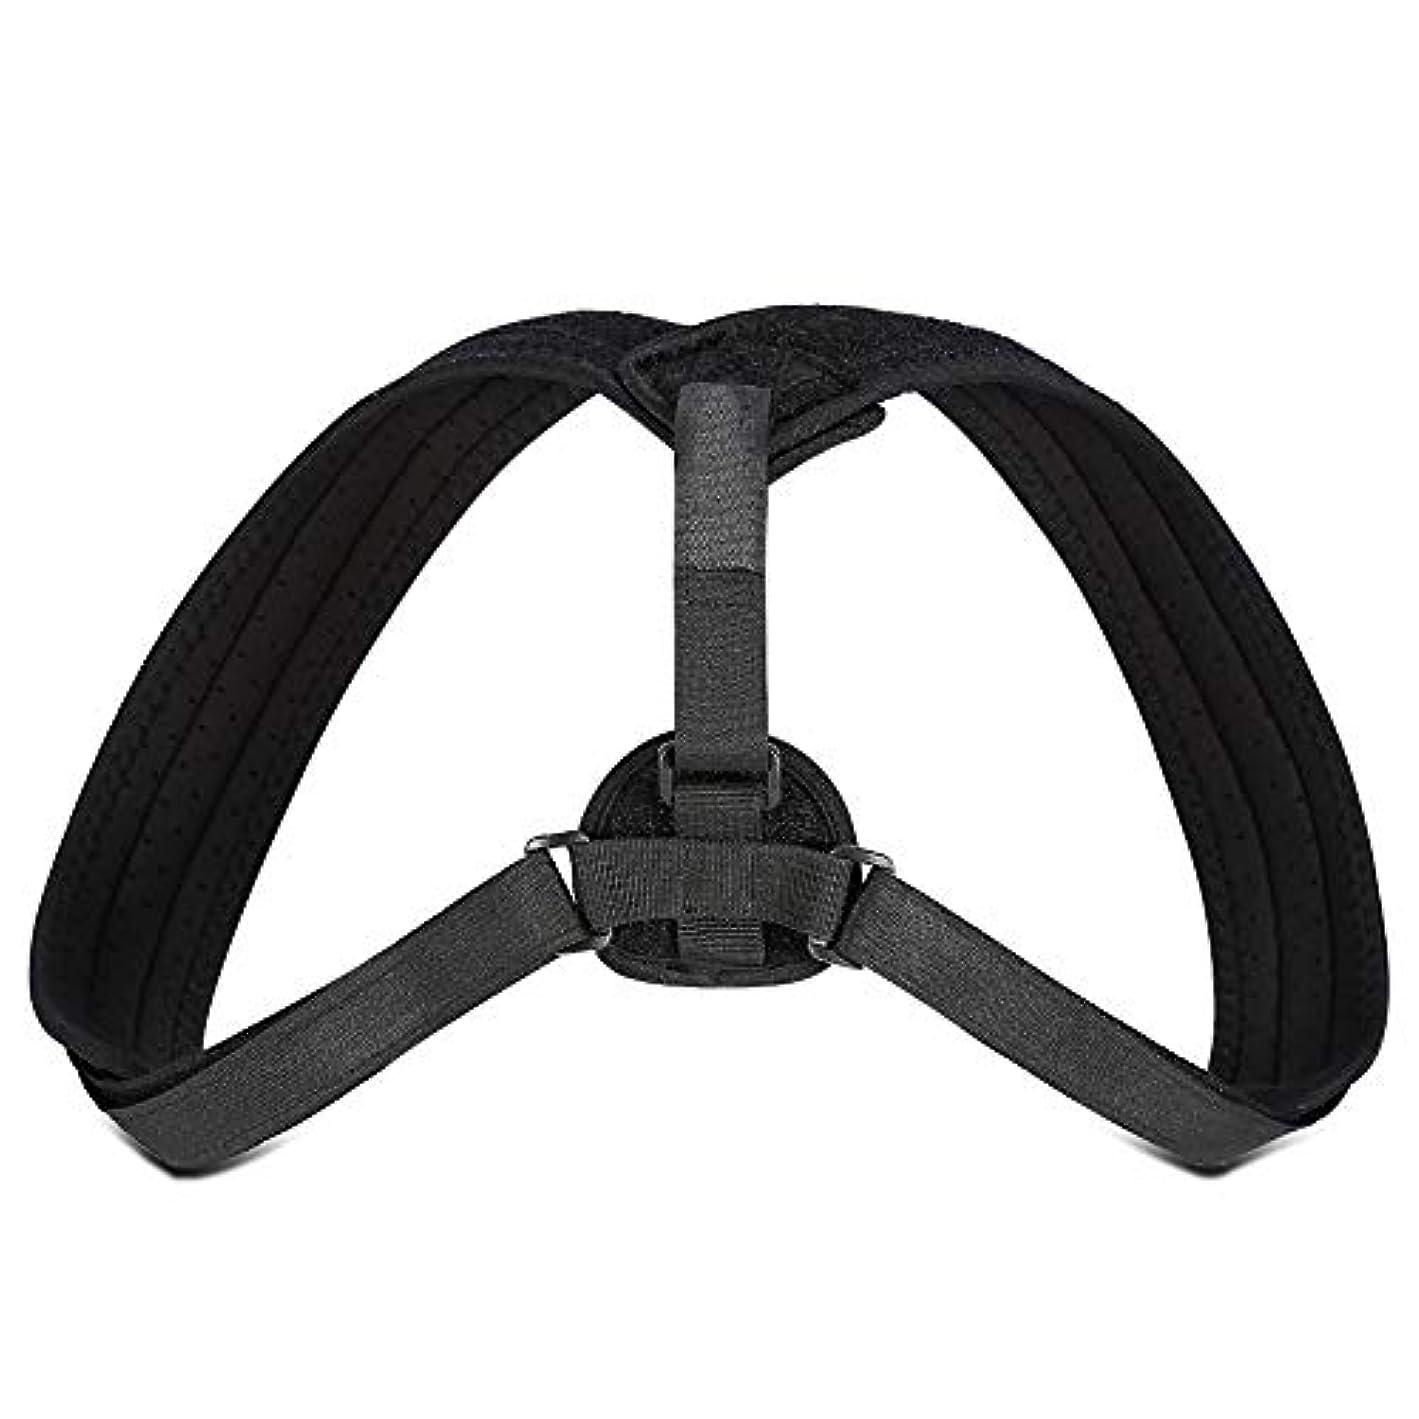 ブル娘北米Yosoo Posture Corrector - ブレースアッパーバックネックショルダーサポートアジャスタブルストラップ、肩の体位補正、整形外科用こぶの緩和のための包帯矯正、ティーン用